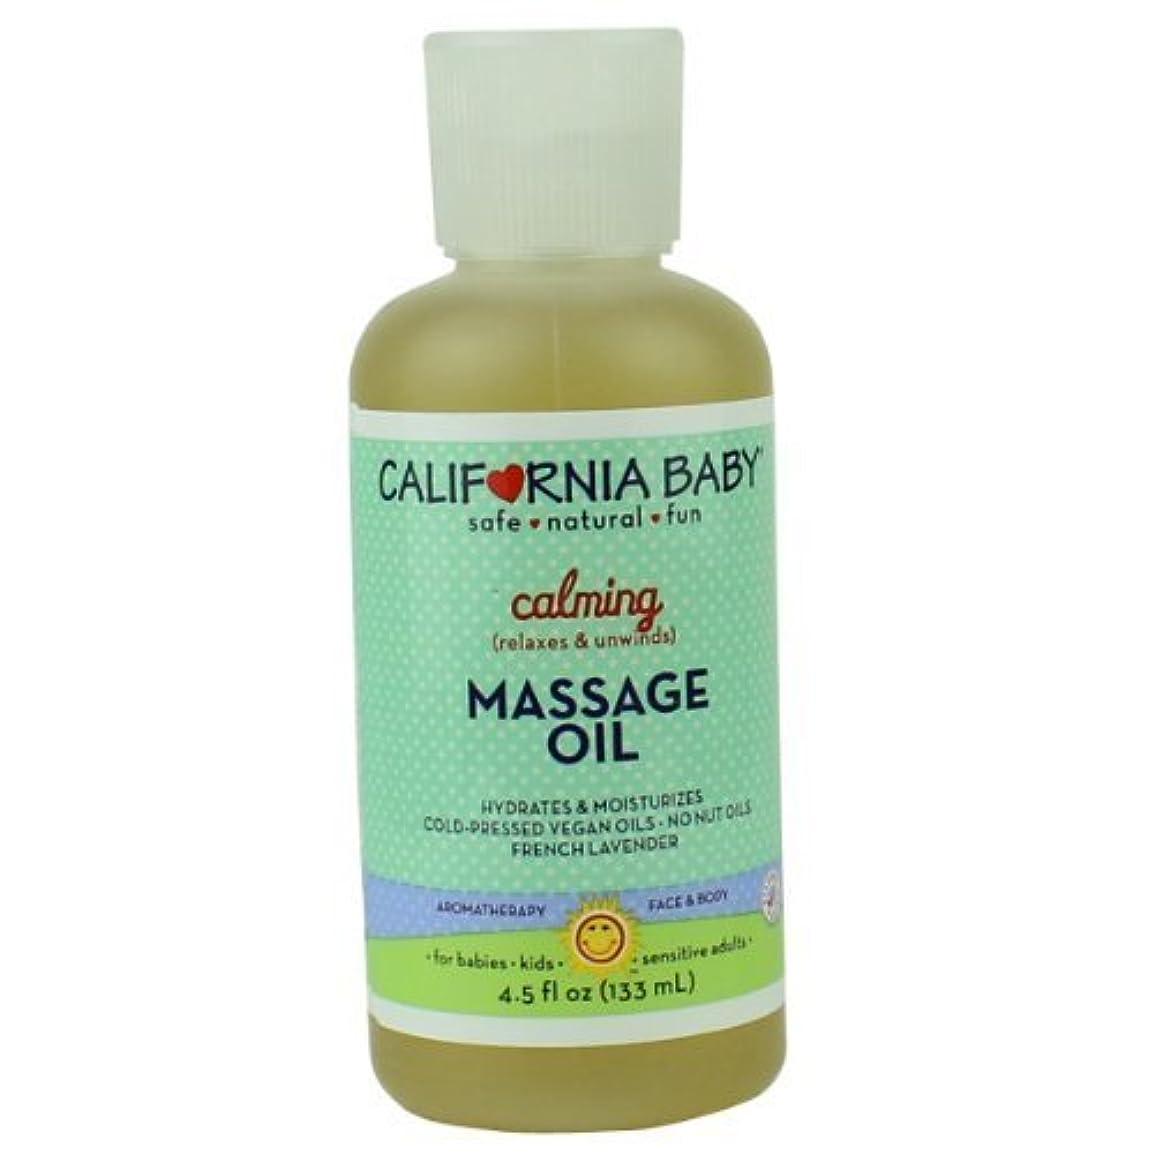 ダイエット救援口実California Baby Calming Massage Oil 4.5fl.(133ml) by California Baby [並行輸入品]